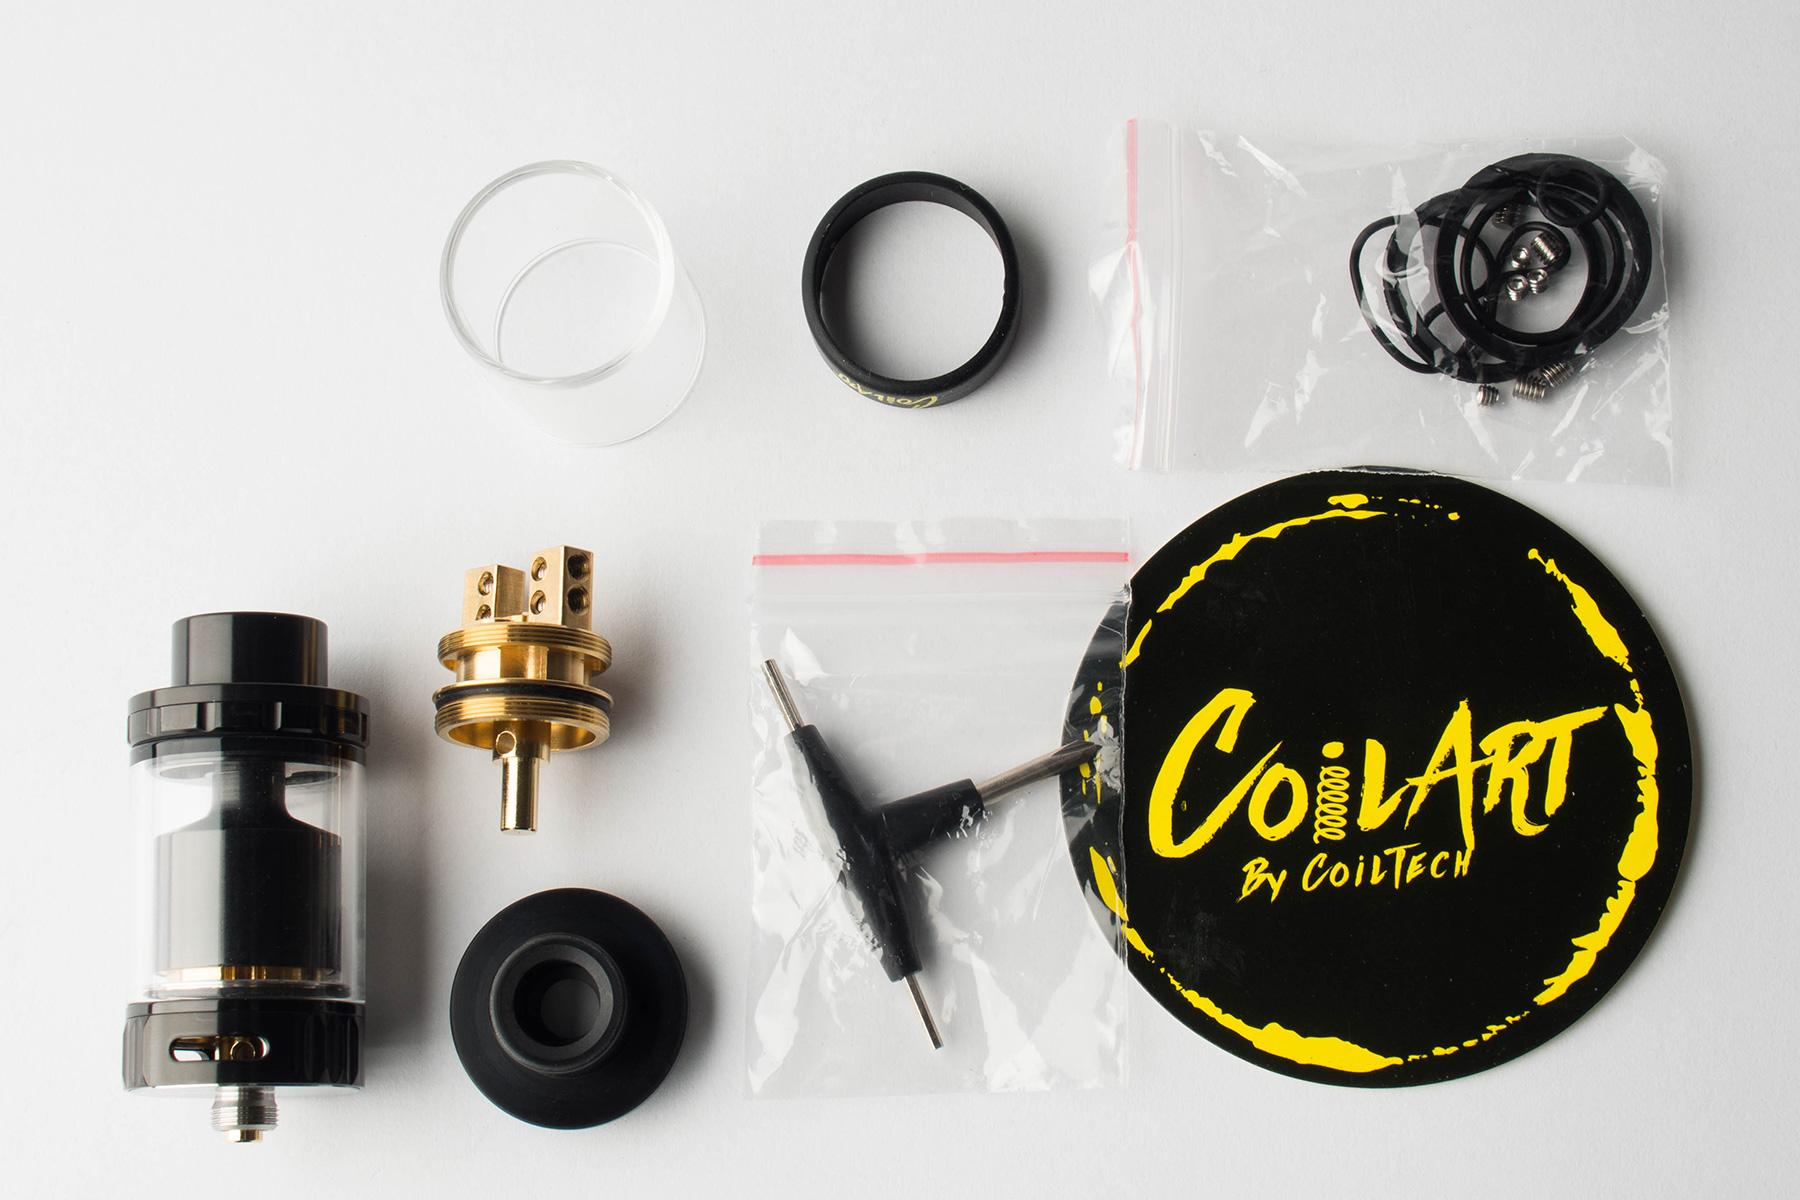 【アトマイザー】AZEROTH RTA (CoilART/コイルアート) レビュー